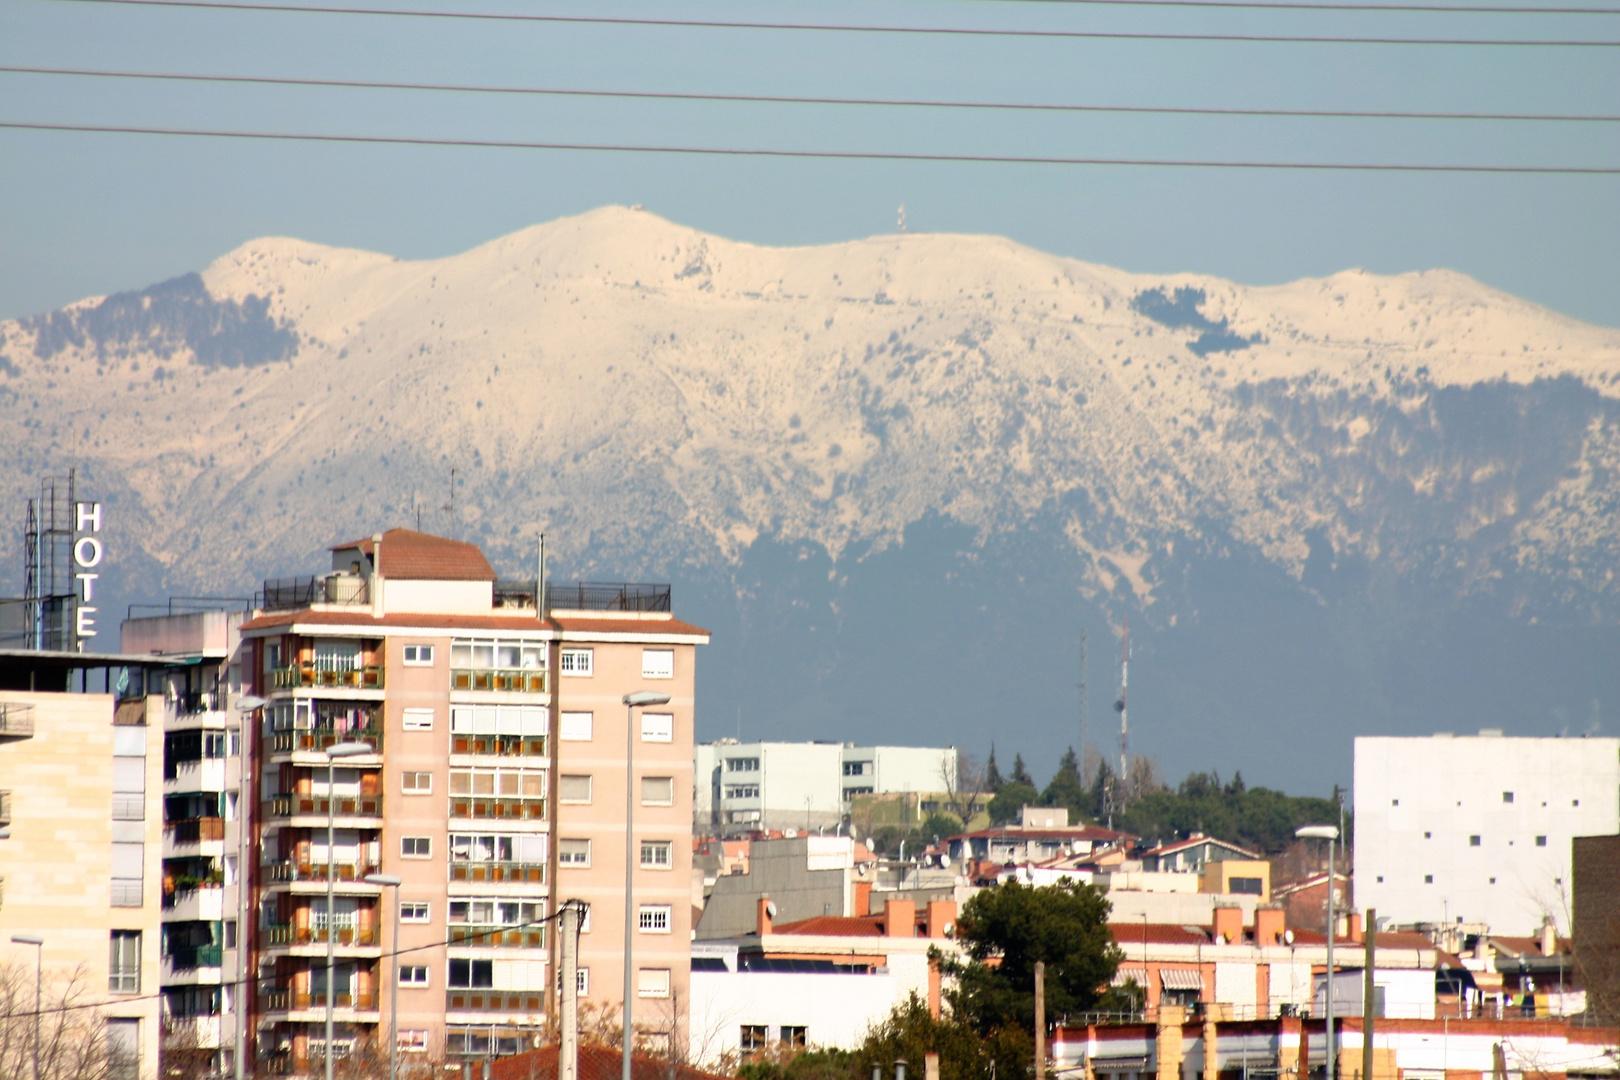 el montseny desde granollers barcelona distancia 50 k.m Imagen ...